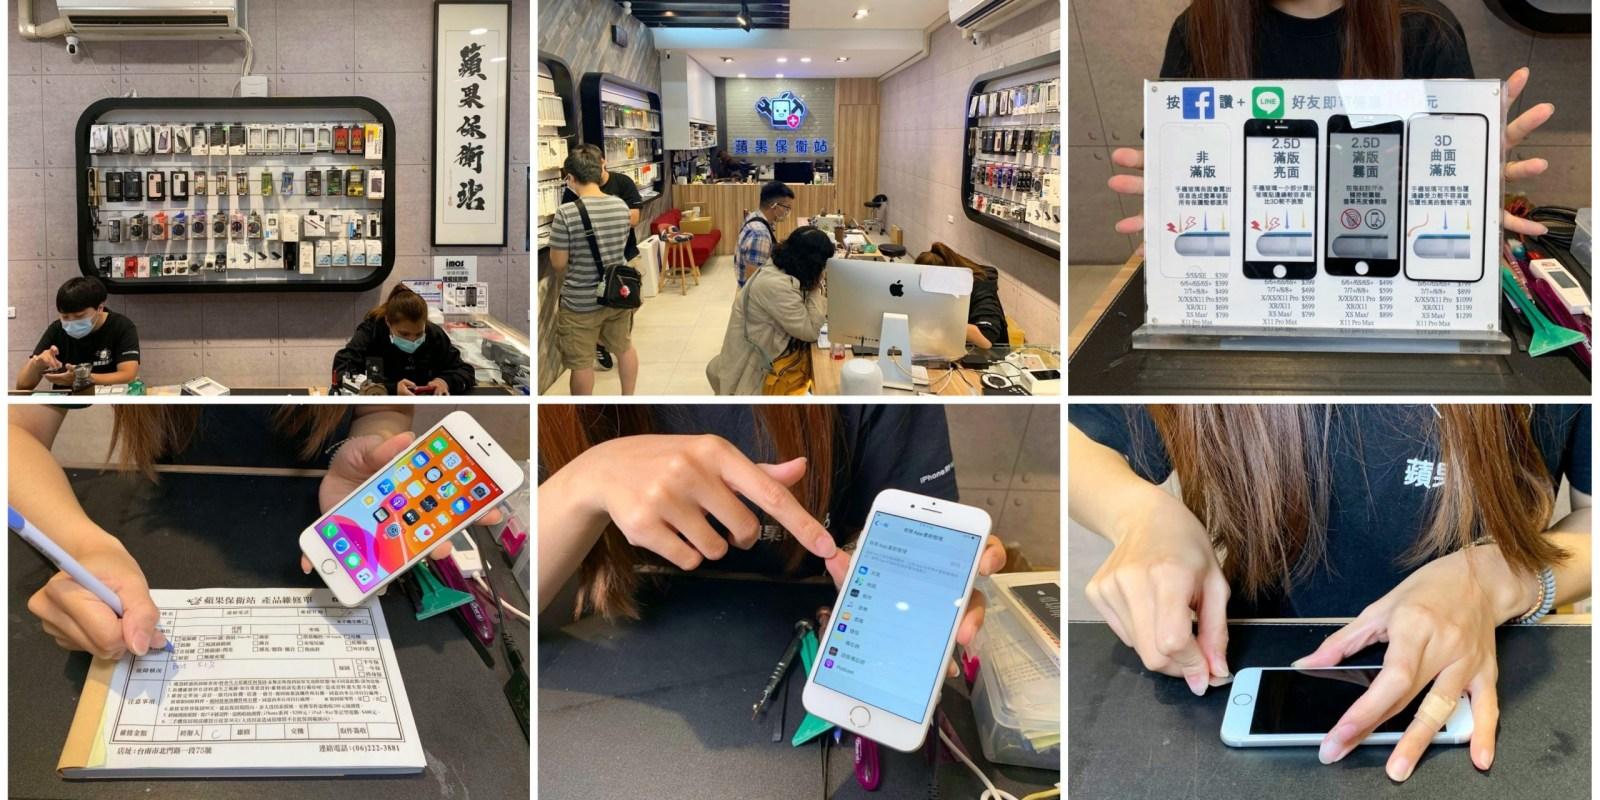 [台南3C] 蘋果保衛站 - 想修iPhone、iMac和iPad就來這家超高品質的維修中心!